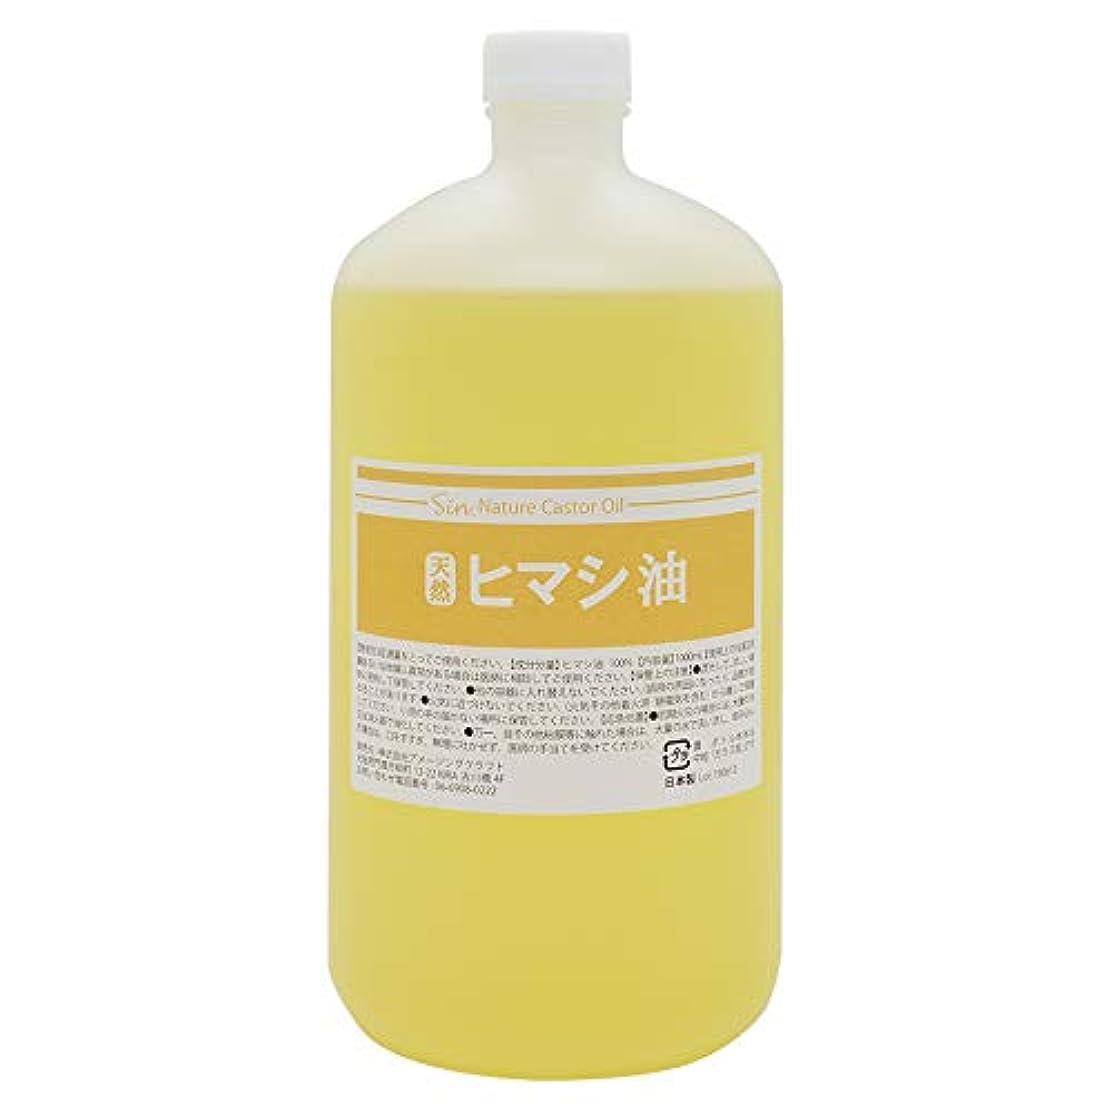 フラッシュのように素早くフラッシュのように素早く刃天然無添加 国内精製 ひまし油 1000ml (ヒマシ油 キャスターオイル)